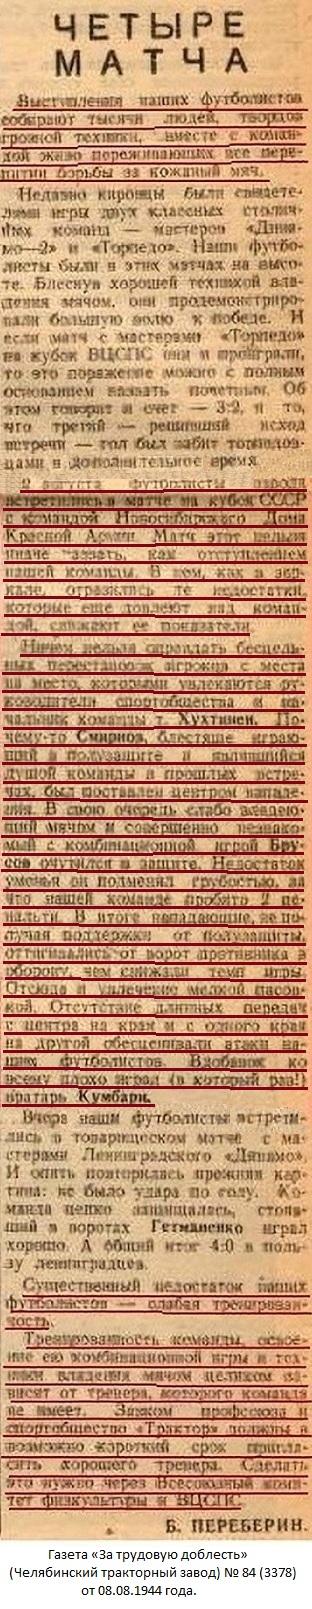 Трактор (Челябинск) - ДКА (Новосибирск) 4:6